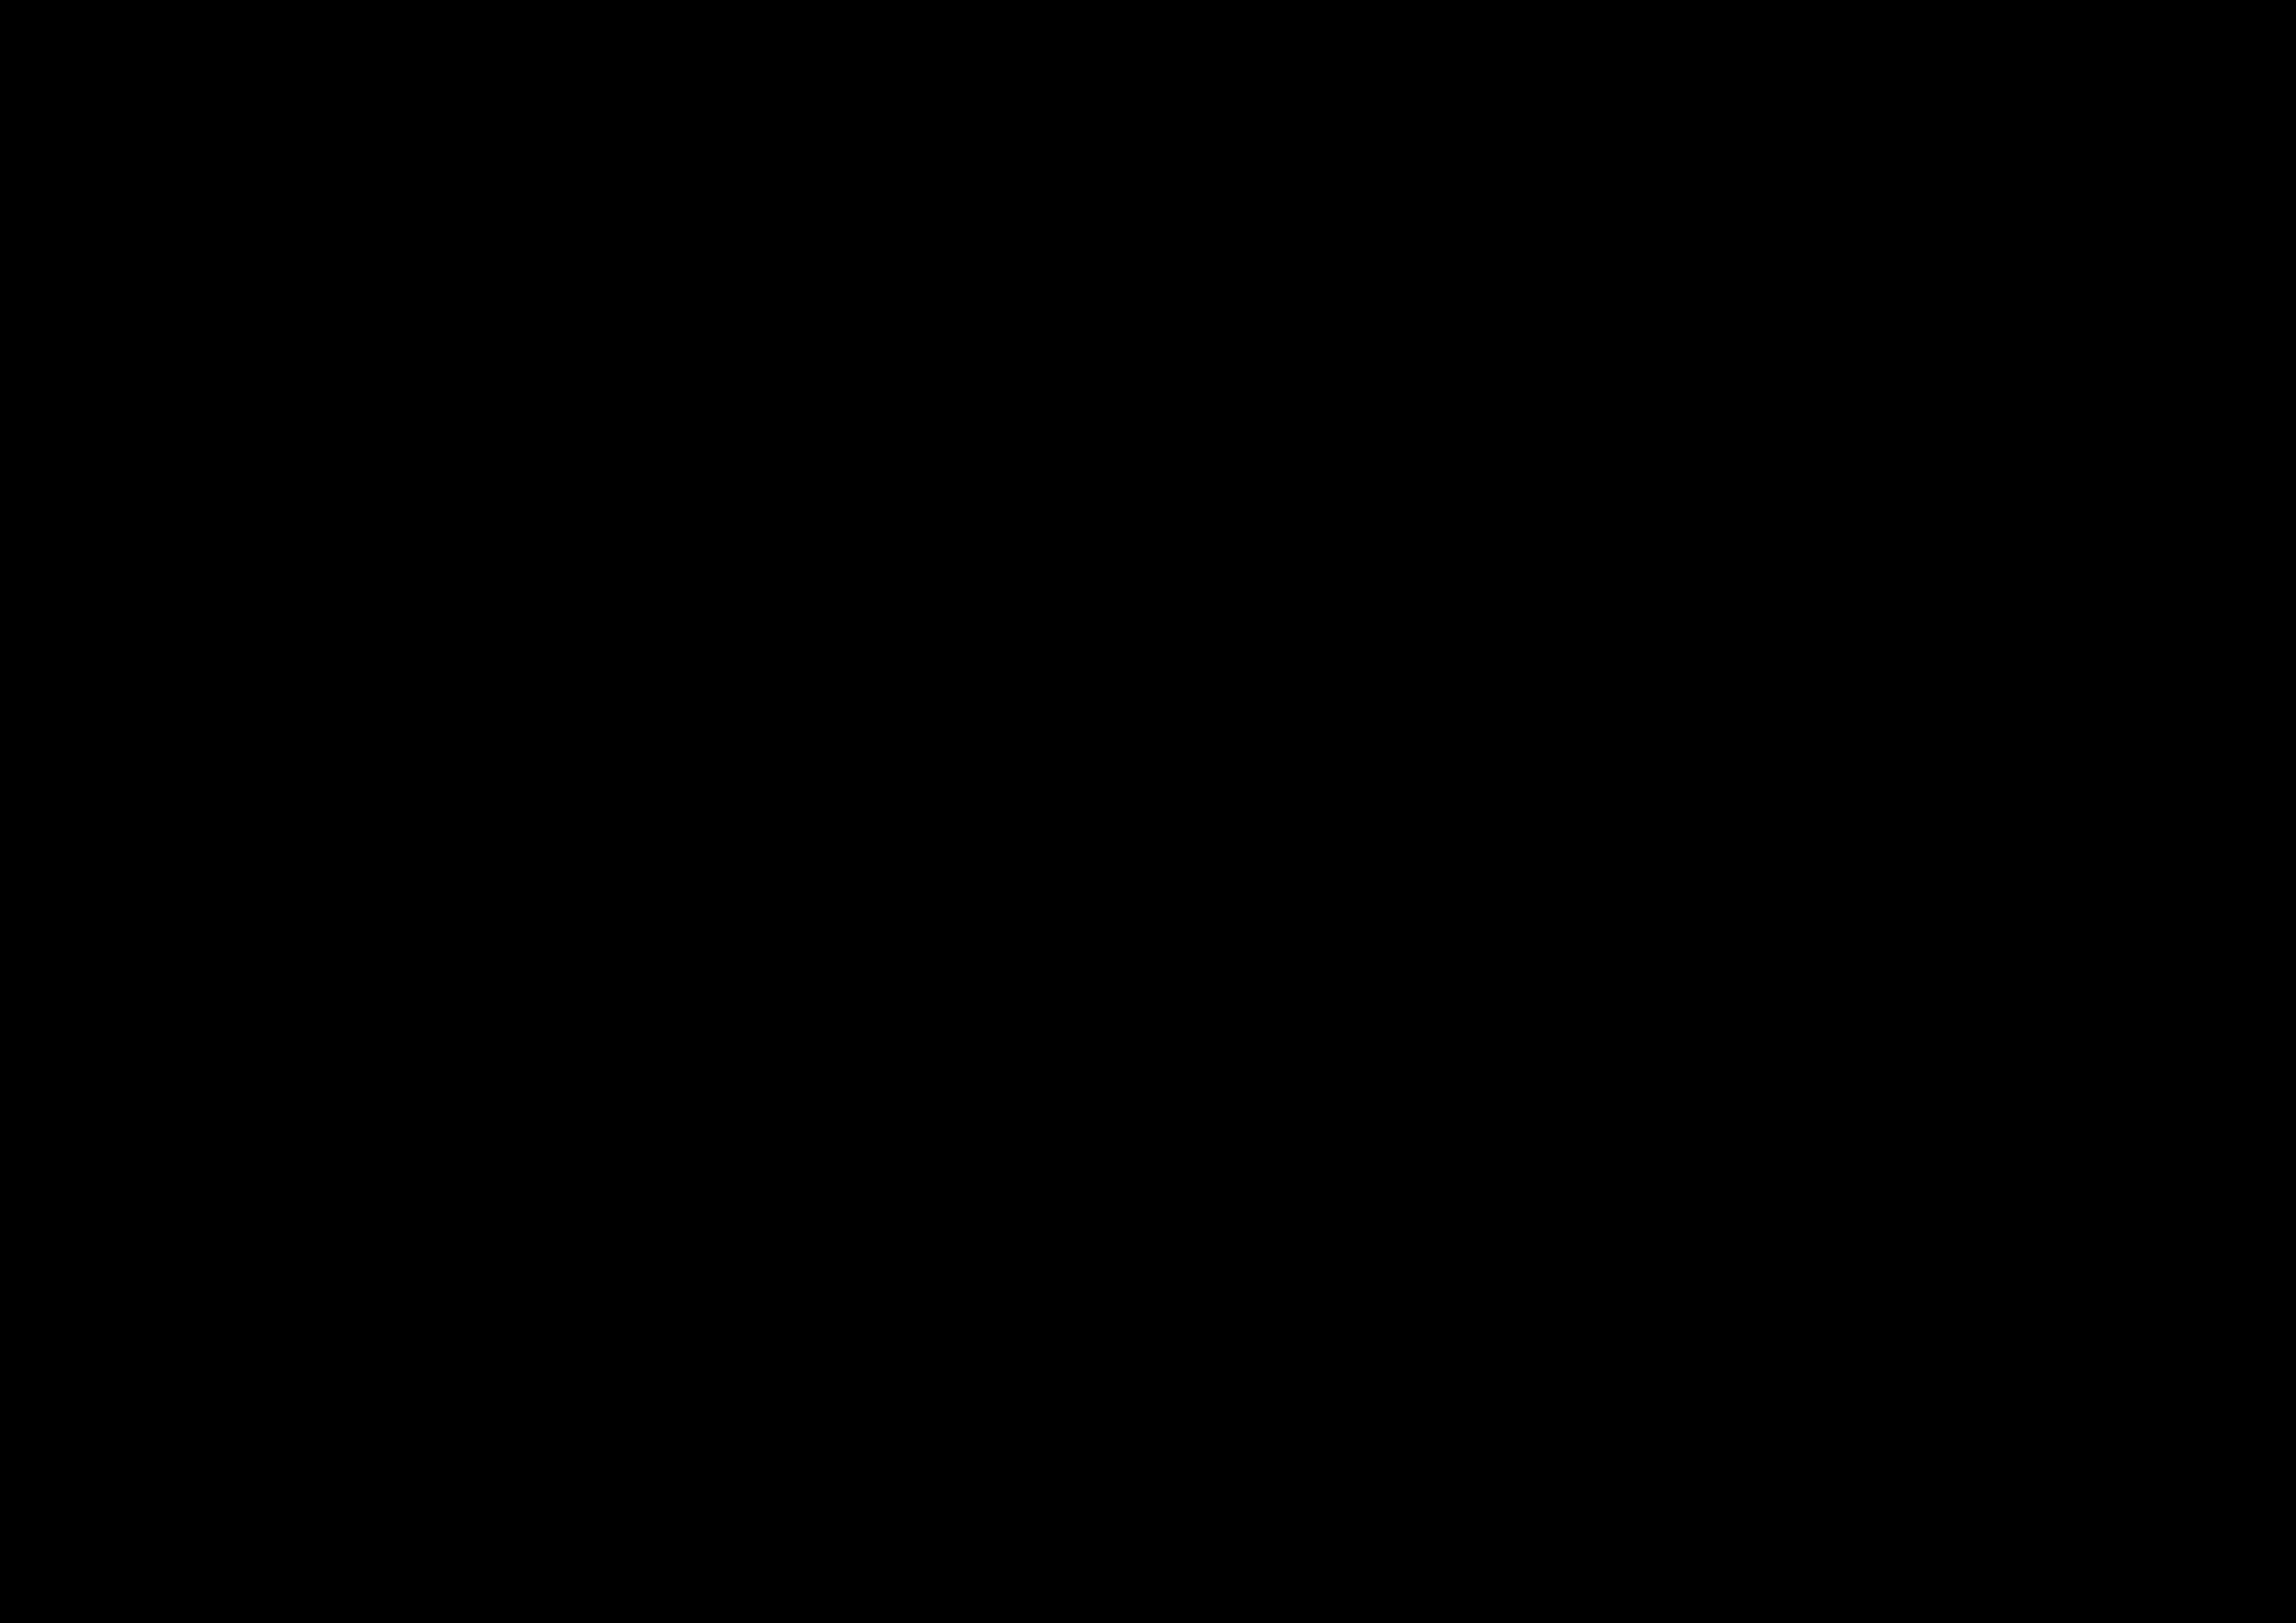 Larens Behoud: Kleinere appartementen op plek Golden River harde eis